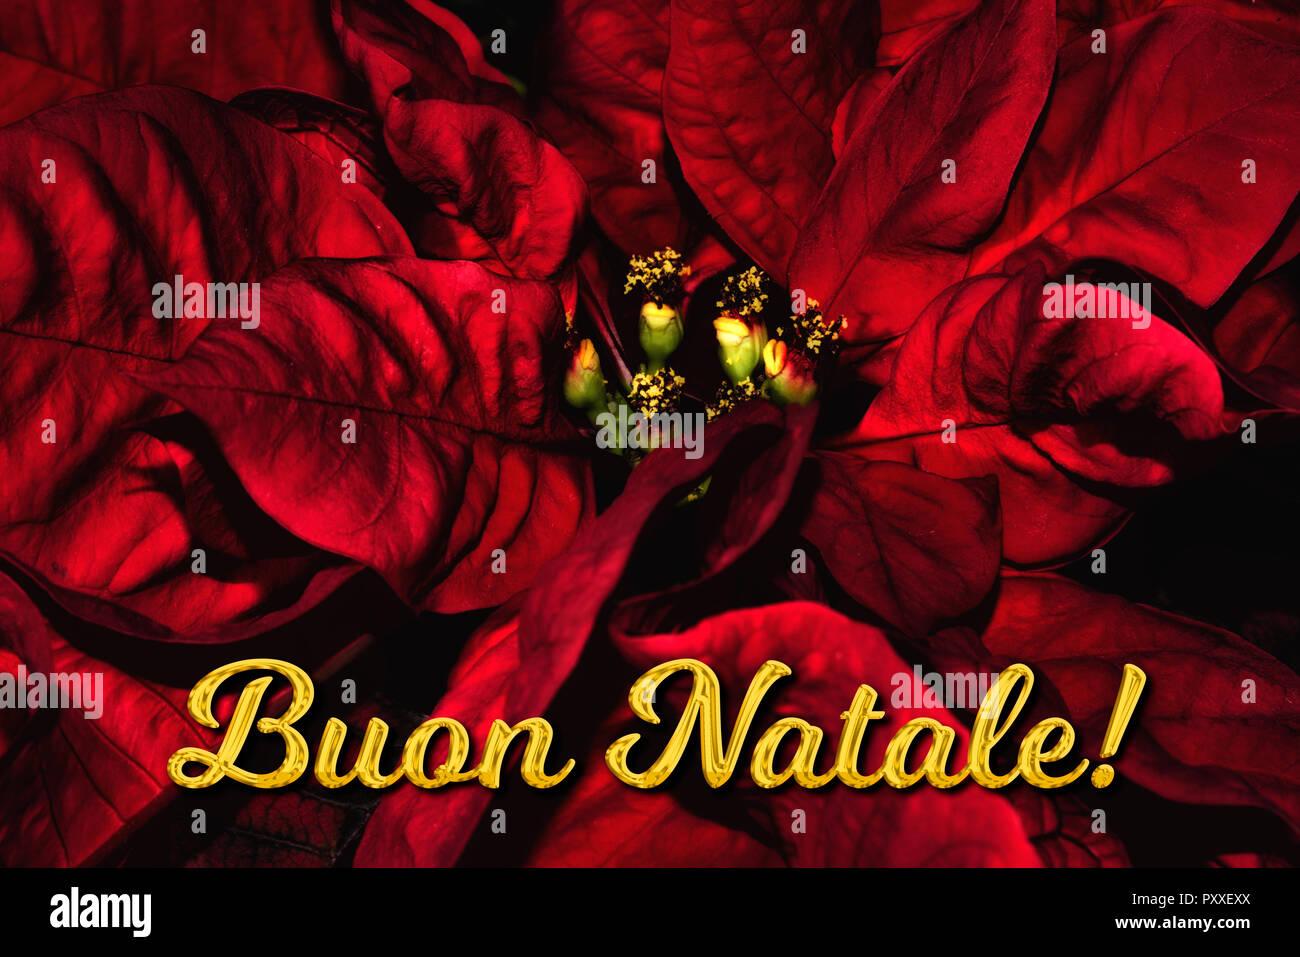 Buon Natale Que Significa.Testo In Italiano Buon Natale Significa Buon Natale Che Si